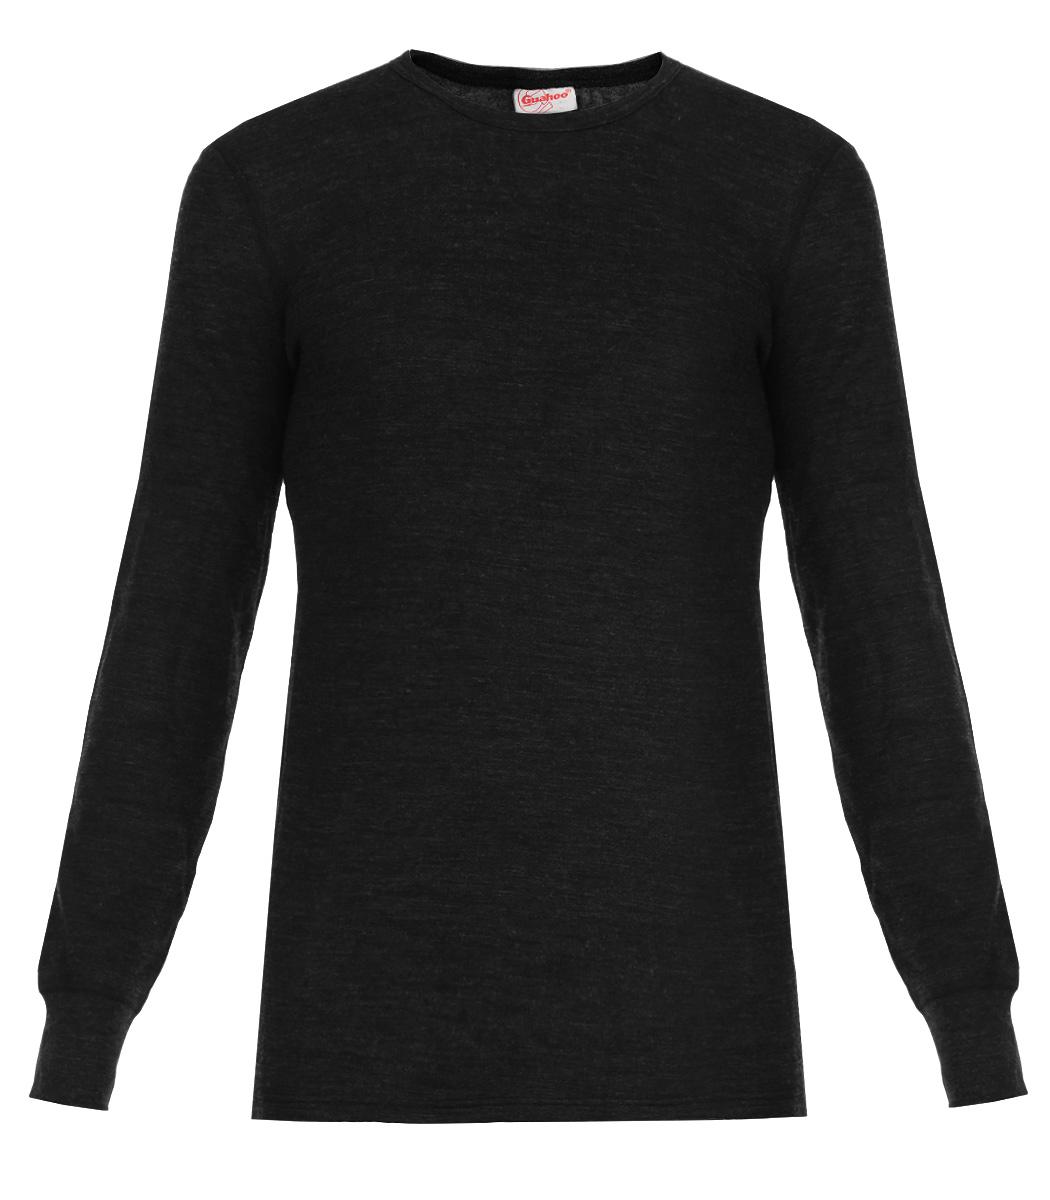 Термобелье футболка с длинным рукавом мужская Guahoo Everyday, цвет: черный. 21-0460-S. Размер M (50)21-0460-SДвухслойная мужская футболка с длинным рукавом Guahoo Everyday подходит для повседневной носки в холодную погоду. Идеальное сочетание различных видов пряжи с добавлением натуральной шерсти во внешнем слое, а также специальное плетение обеспечивают эффективное сохранение тепла. Внутренний слой полотна - из мягкой акриловой пряжи, которая по своим теплосберегающим свойствам не уступает шерсти. Начес на внутренней стороне полотна лучше сохраняет тепло за счет дополнительной воздушной прослойки.Футболка с длинными рукавами и круглым вырезом горловины оформлена небольшой нашивкой с названием бренда. Рукава дополнены широкими трикотажными манжетами.Рекомендуемый температурный режим от -20°С до -40°С.